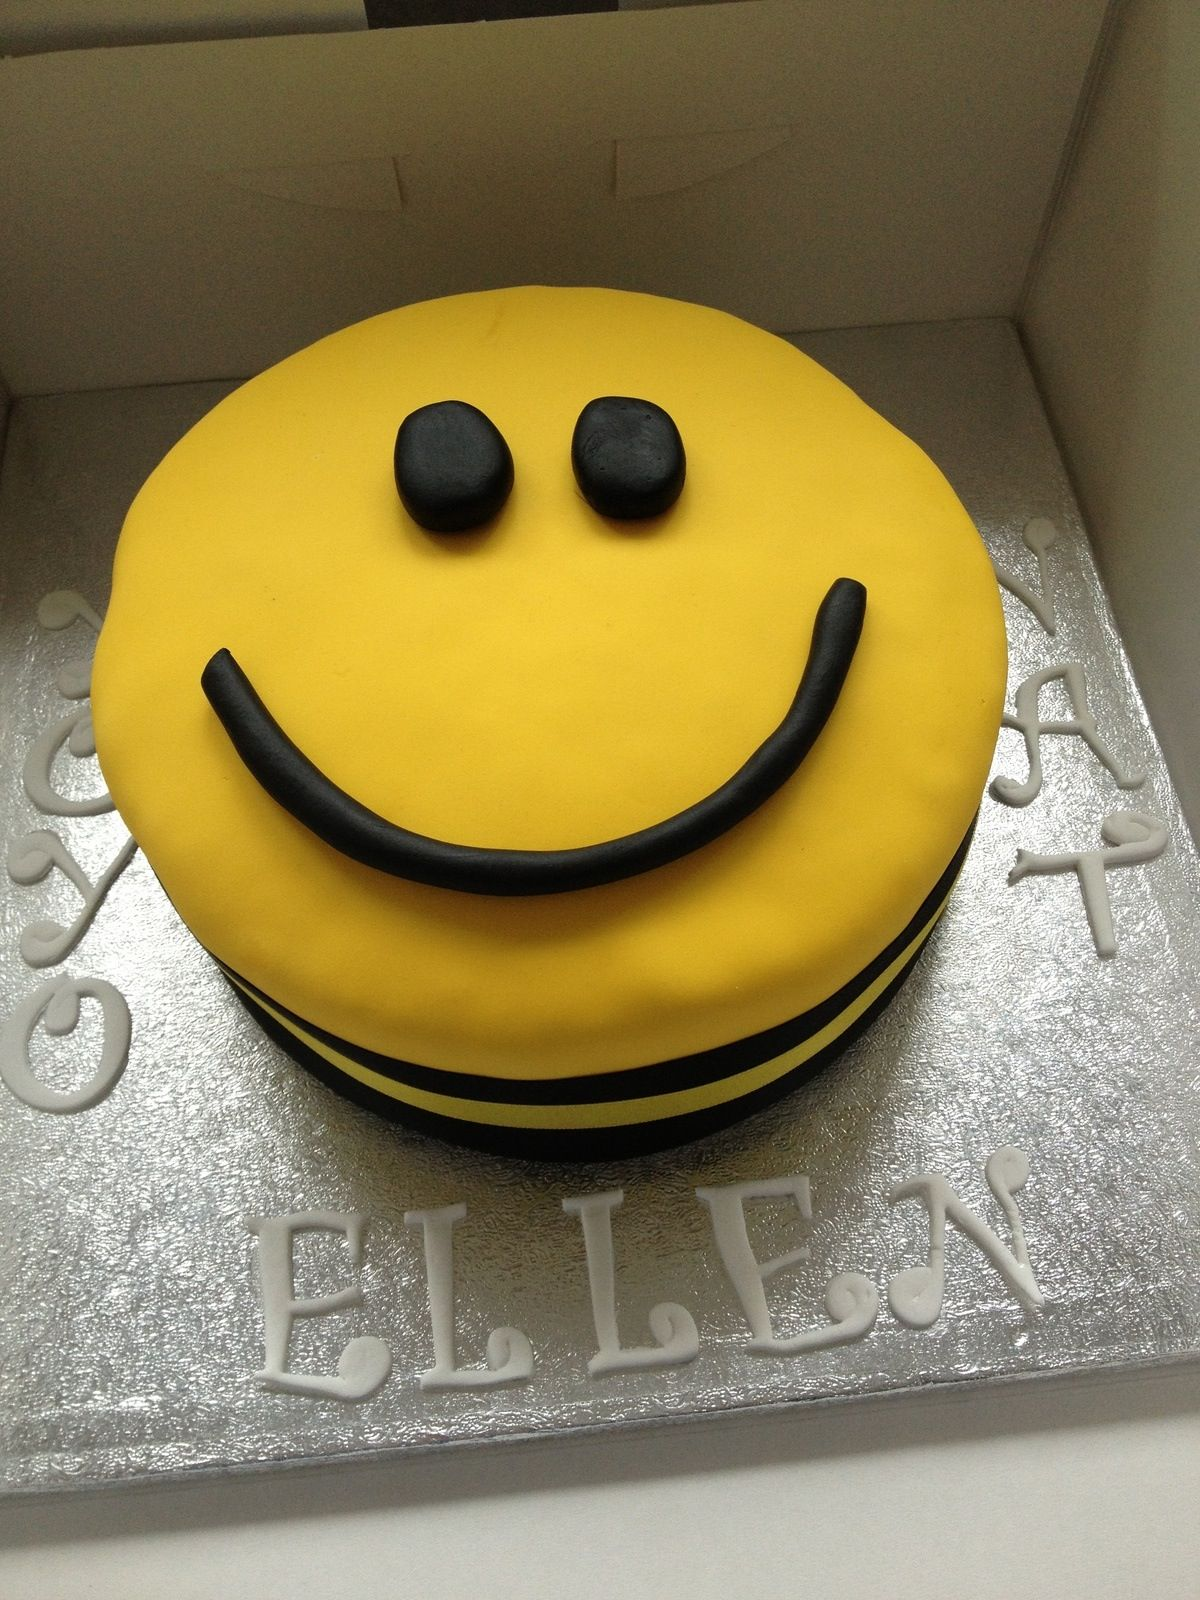 Smiley Face Cake Smiley Faces Pinterest Smiley